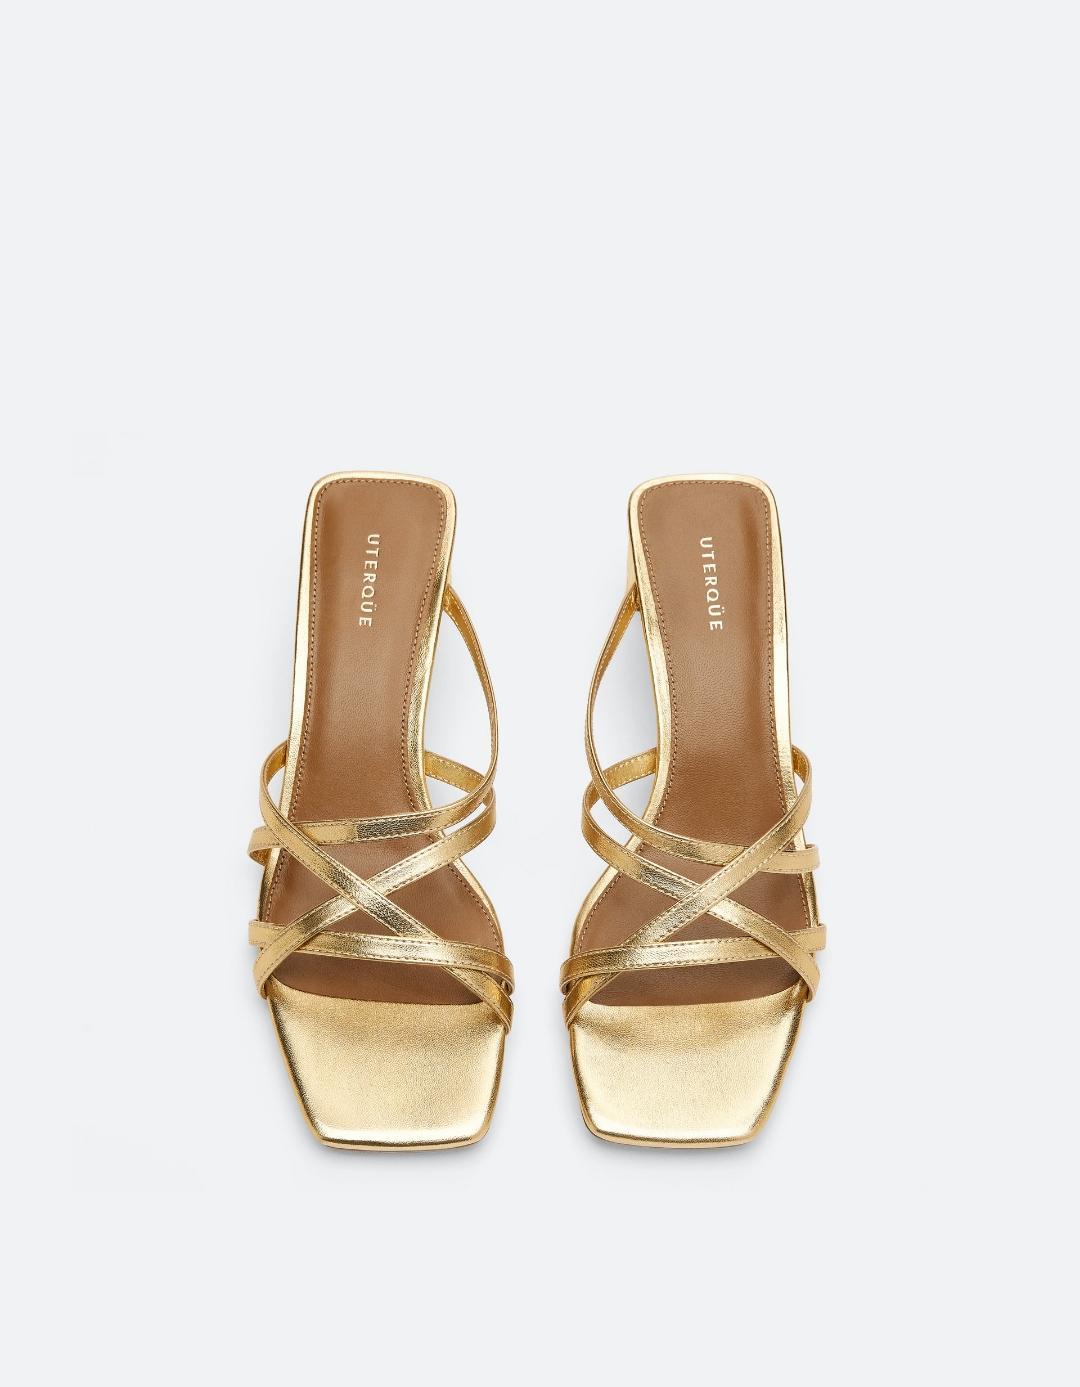 sandalias con tiras de tacón bajo